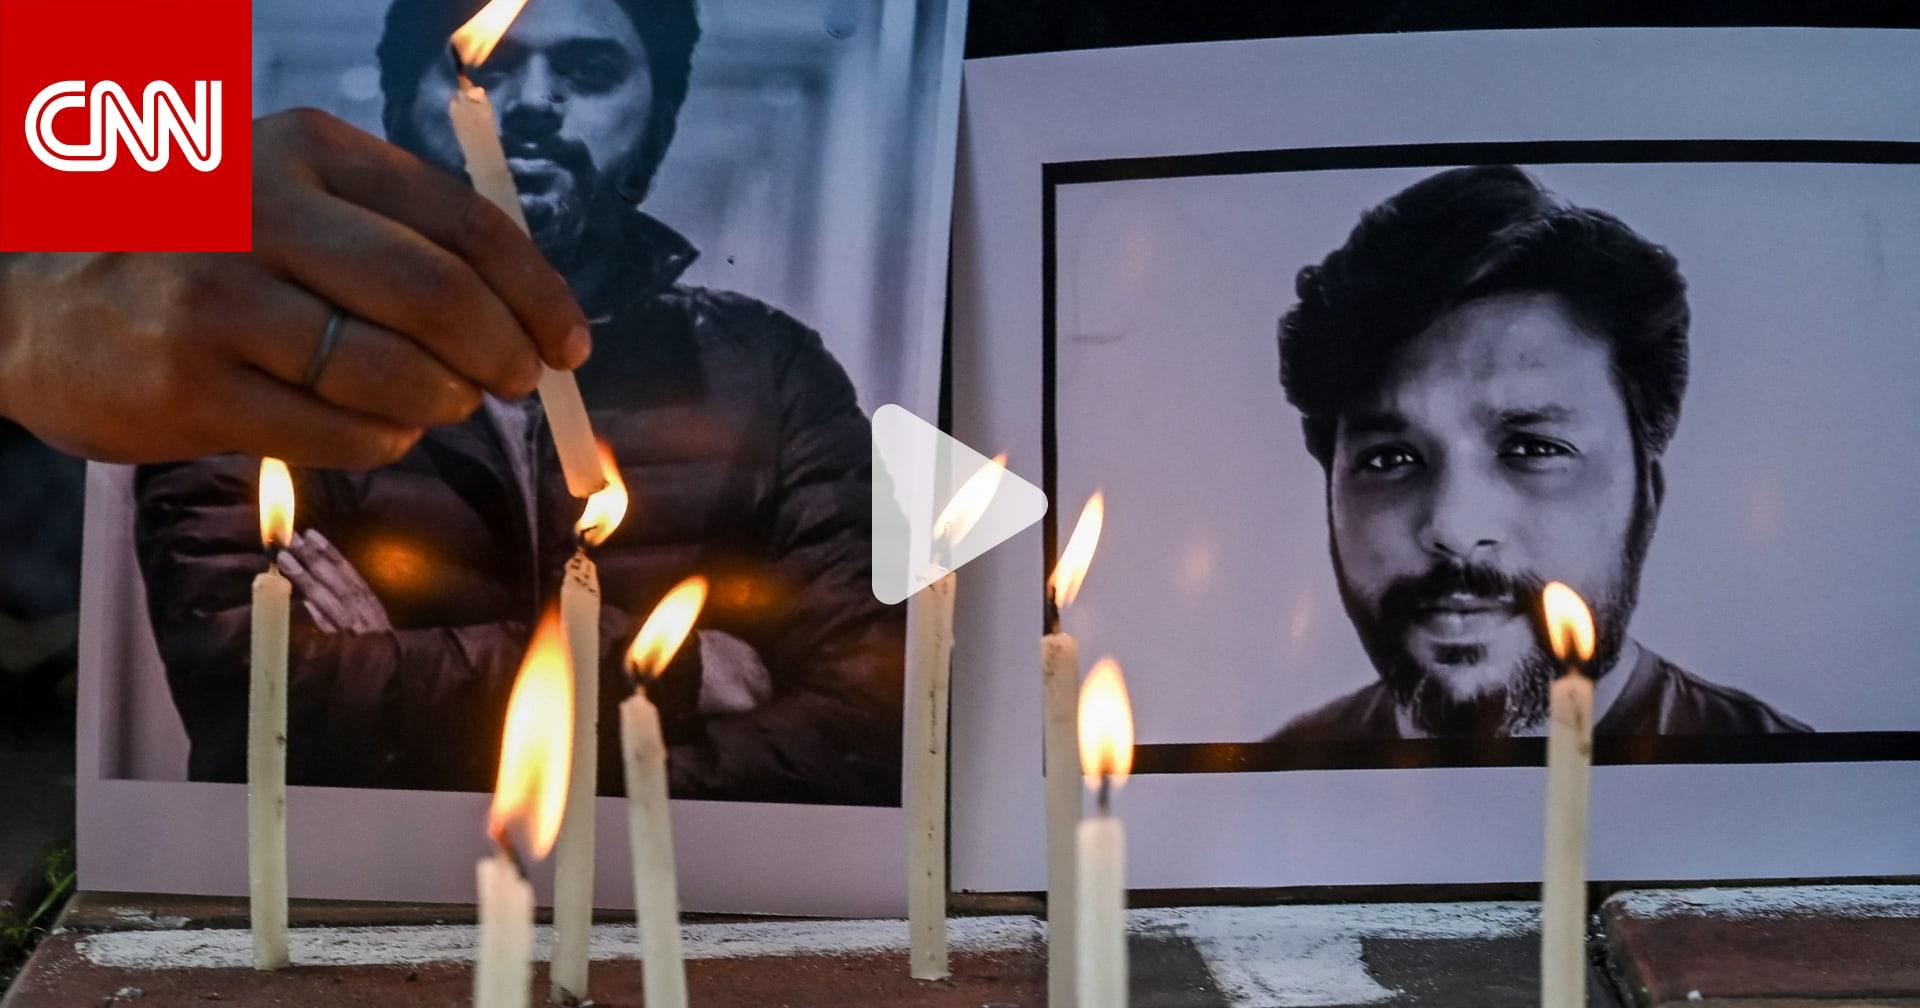 """مقتل مصور صحفي يعمل في """"رويترز"""" بأفغانستان"""